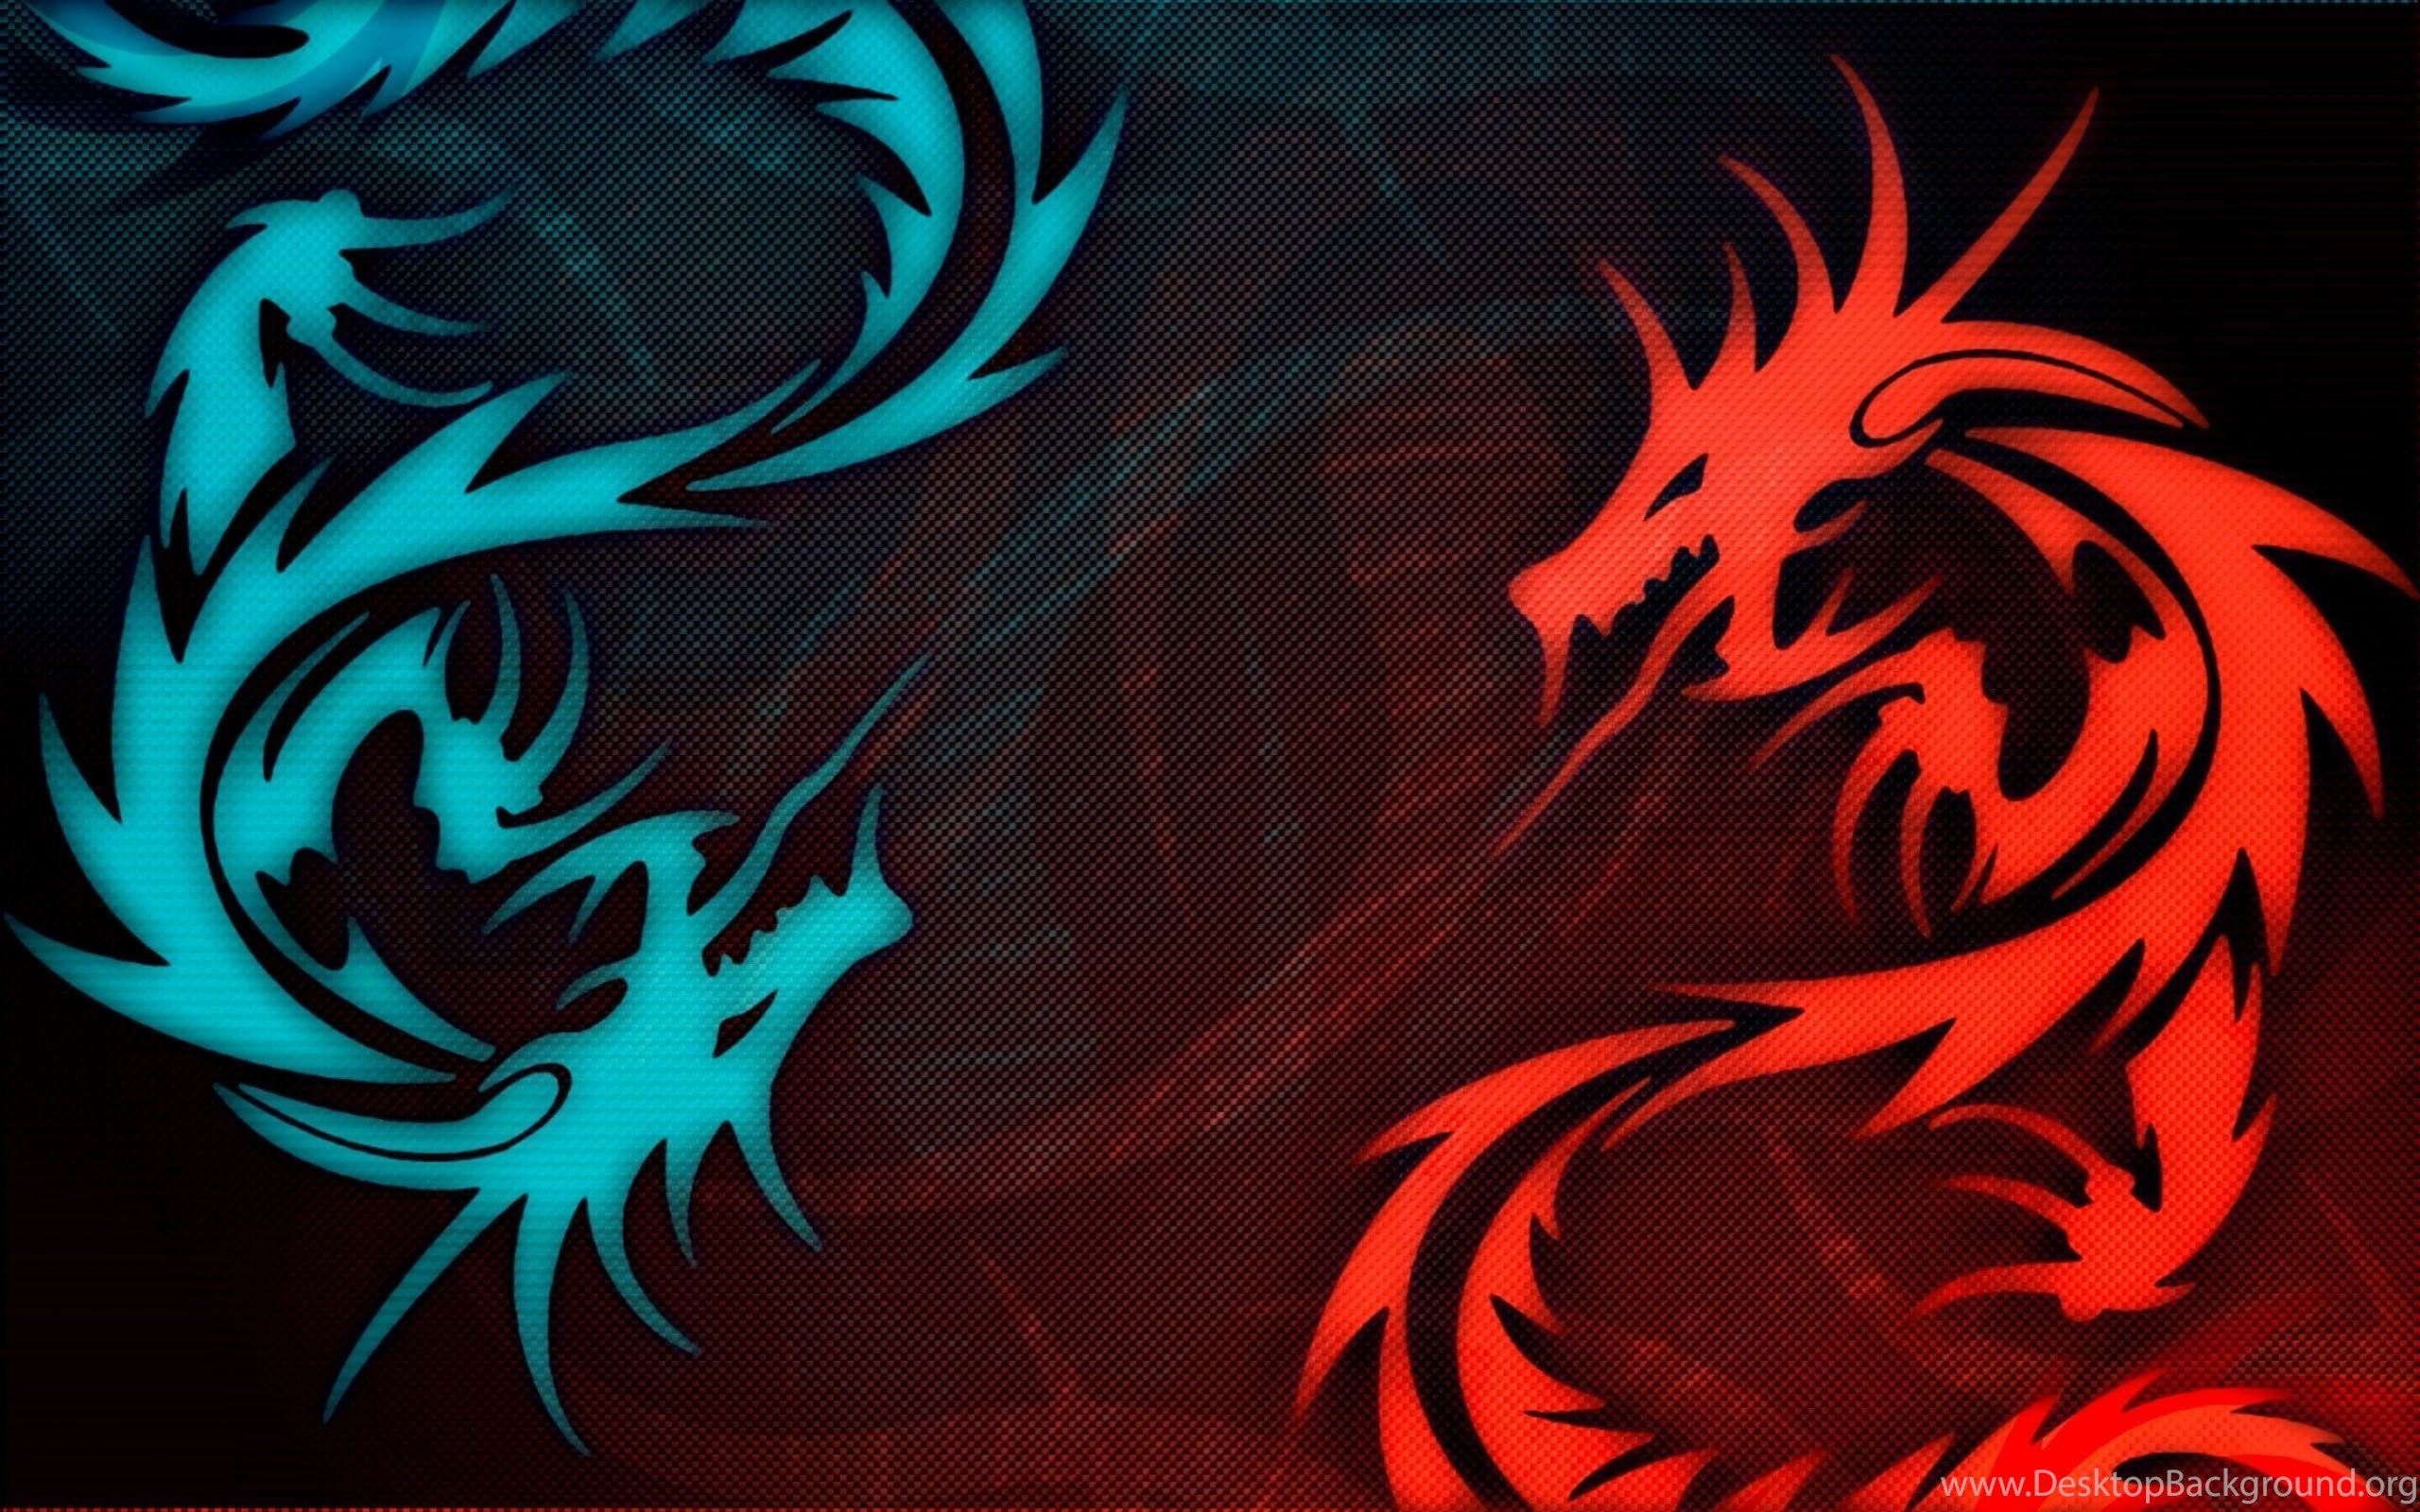 Dark Dragon Wallpapers Desktop Background